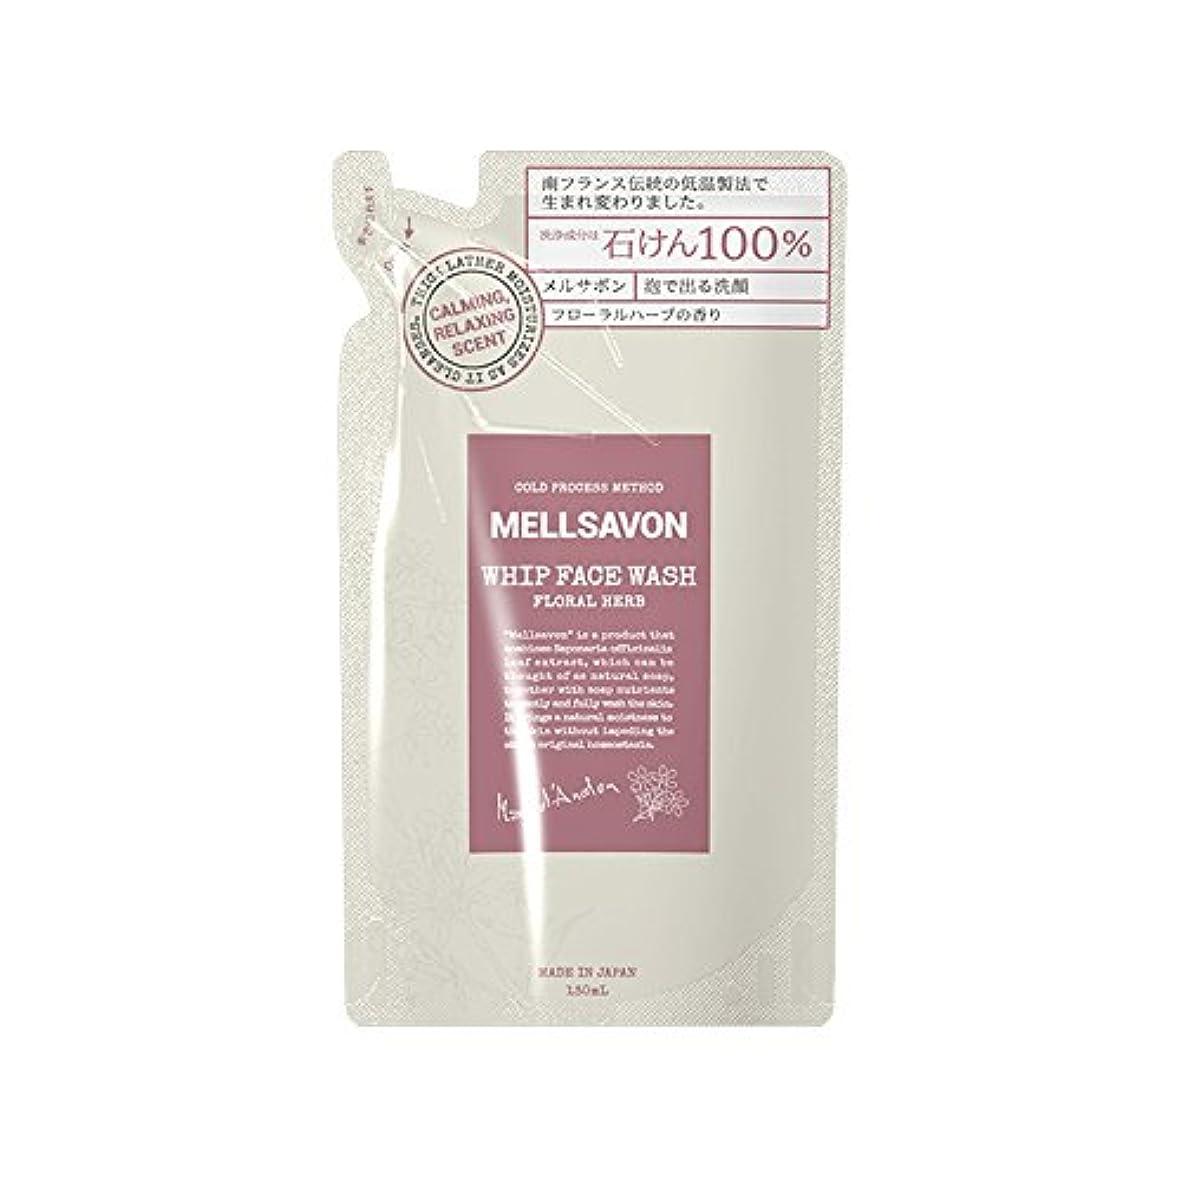 りつかまえる乳製品MELLSAVON(メルサボン) ホイップフェイスウォッシュ フローラルハーブ 〈詰替〉 (130mL)